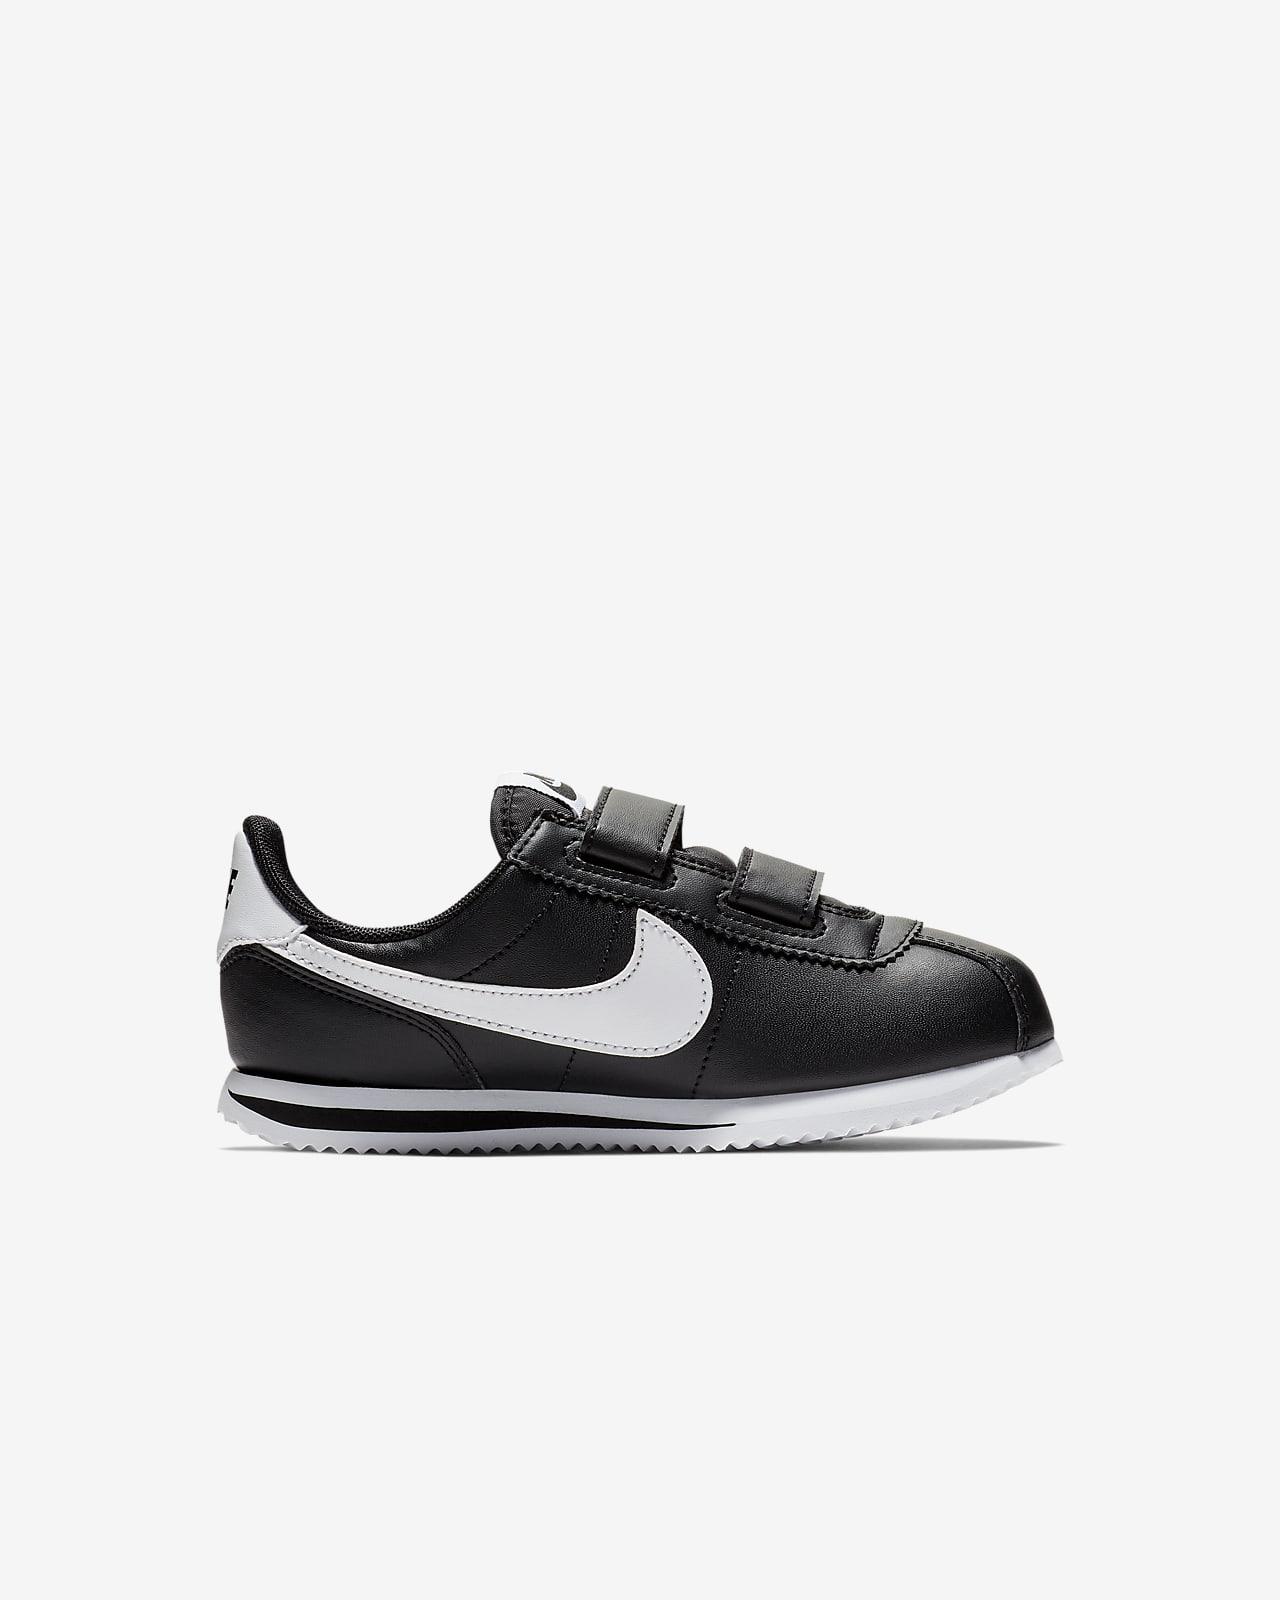 consumo Perceptible Perth  Calzado para niños talla pequeña Nike Cortez Basic SL. Nike.com